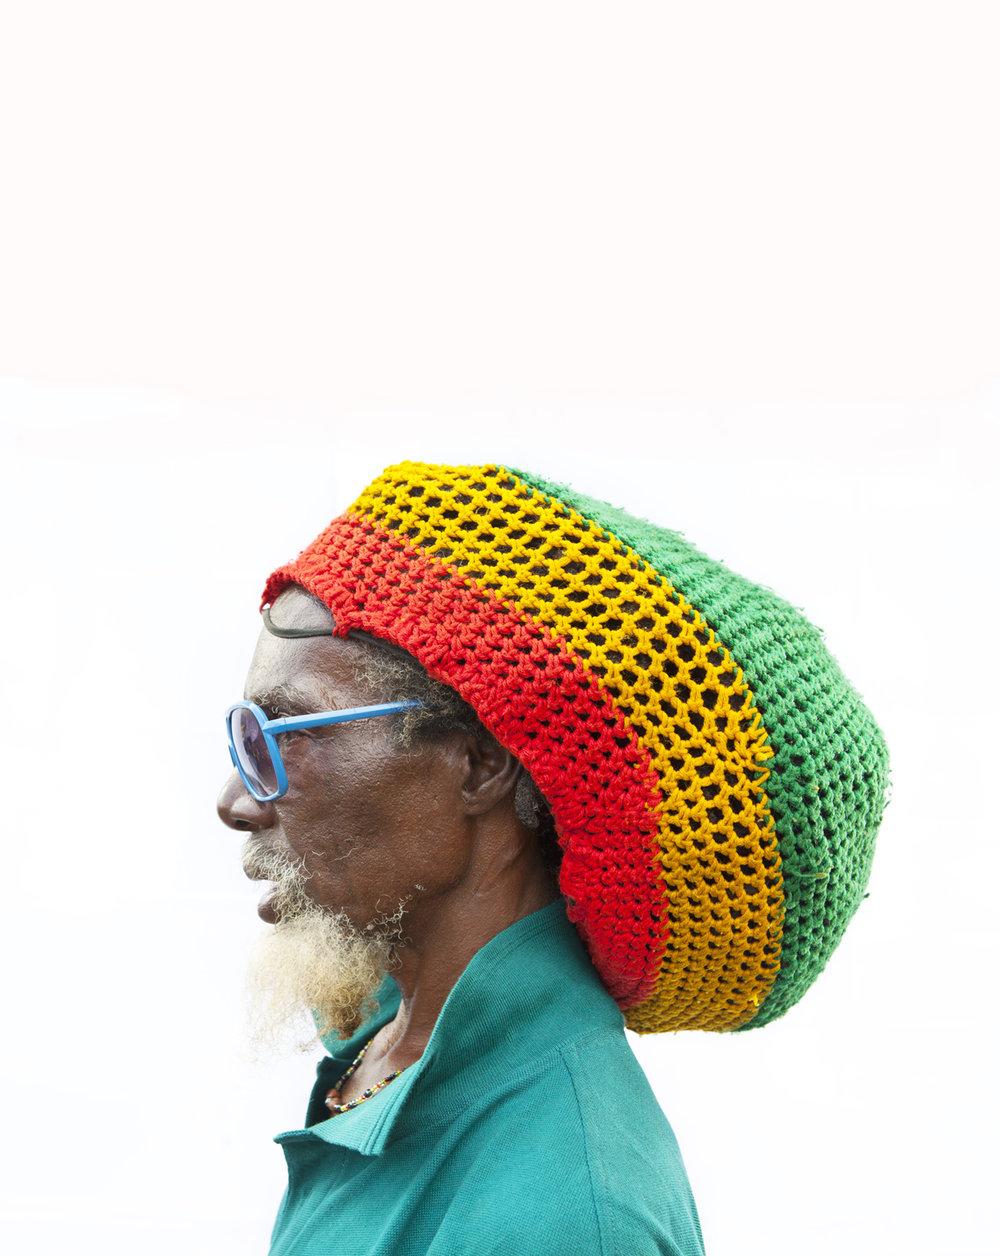 diephuis-jamaica-072.jpg